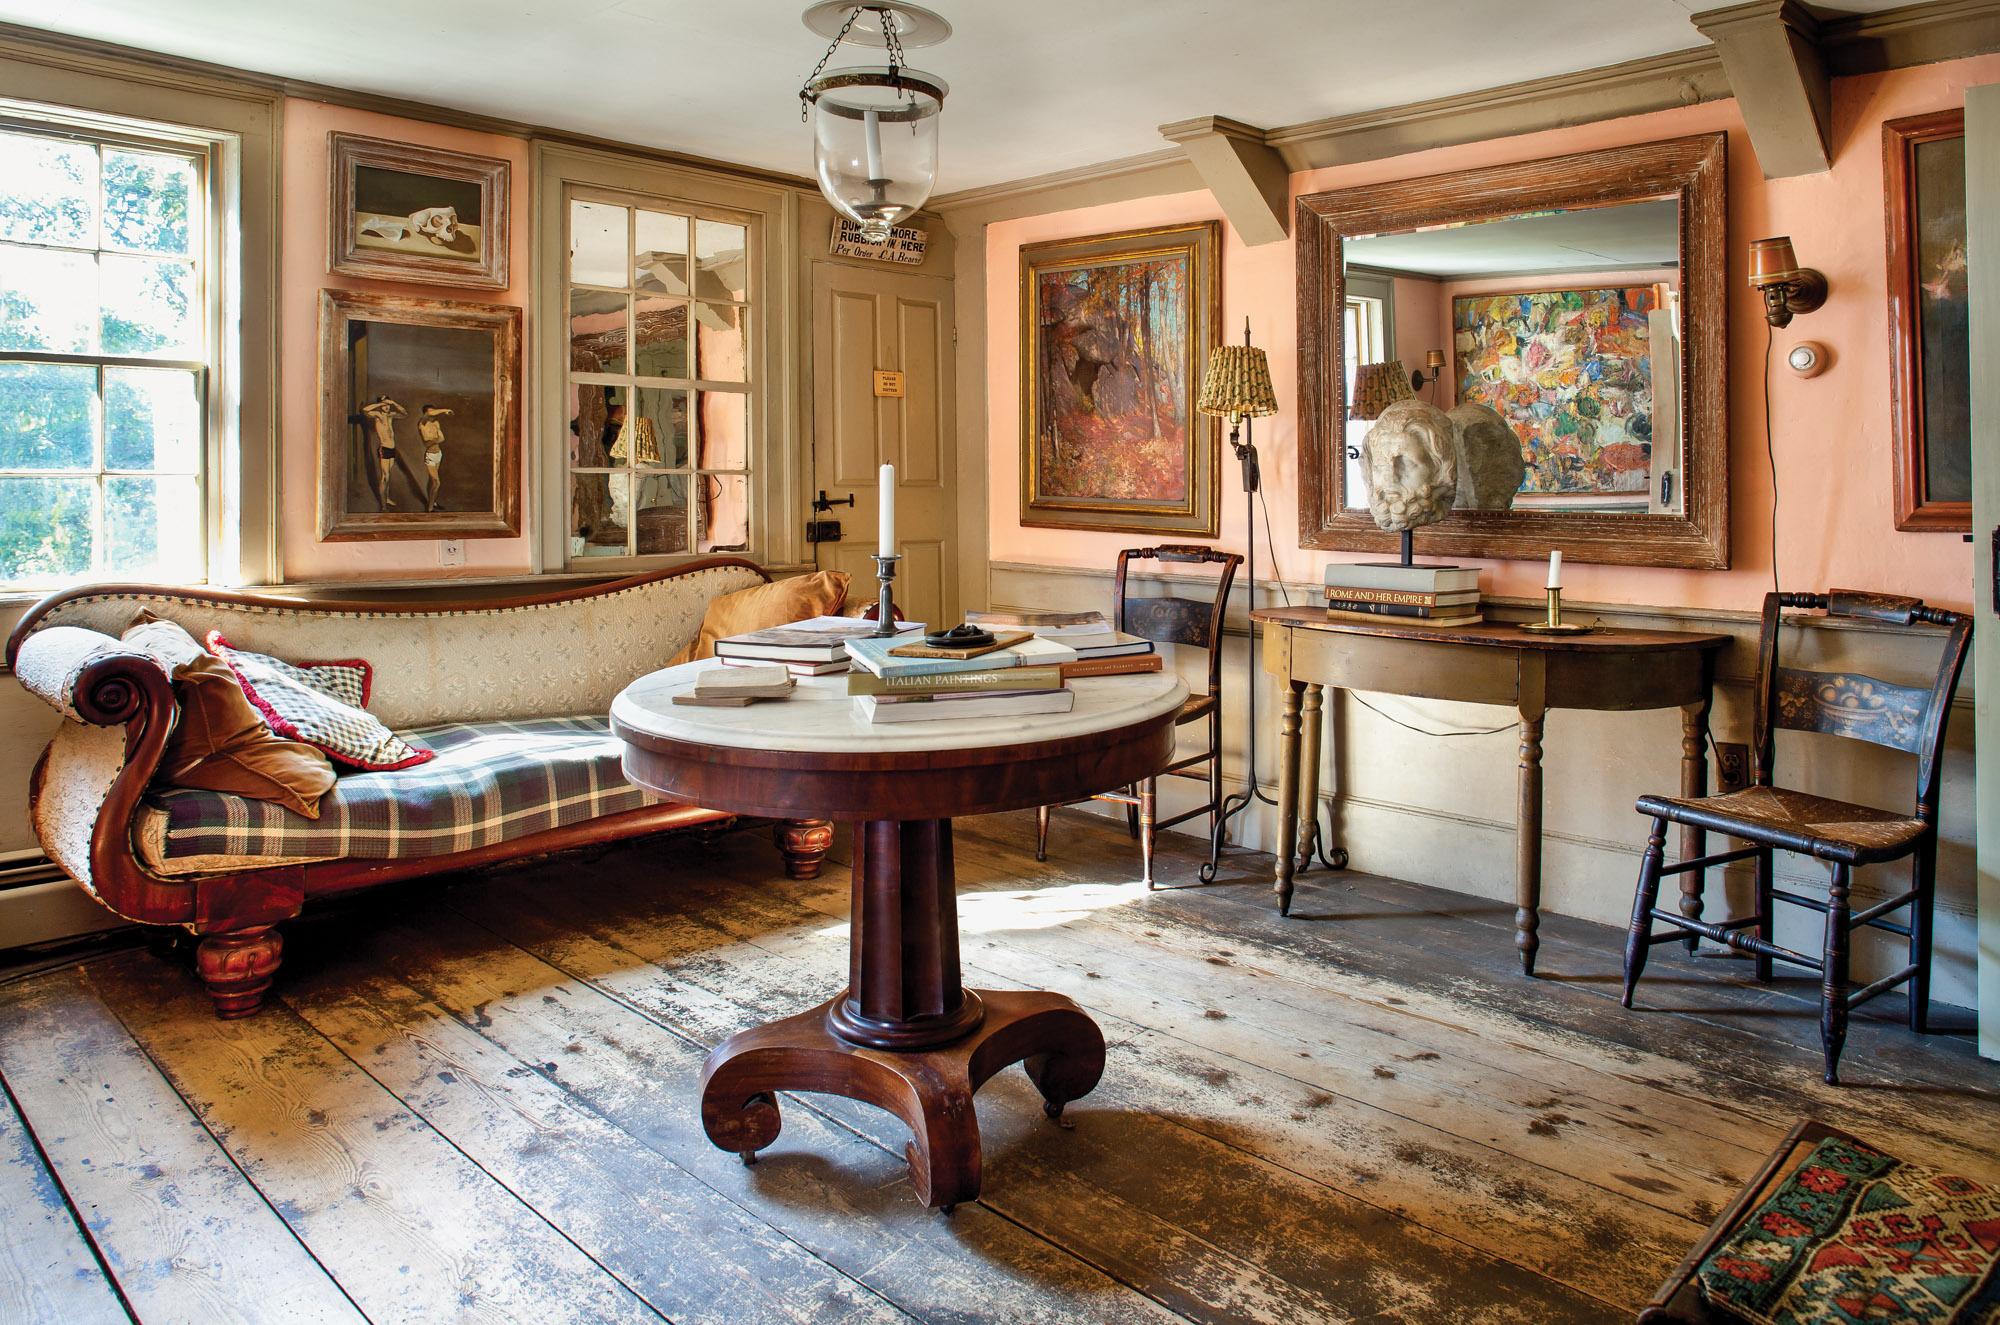 New England home interior